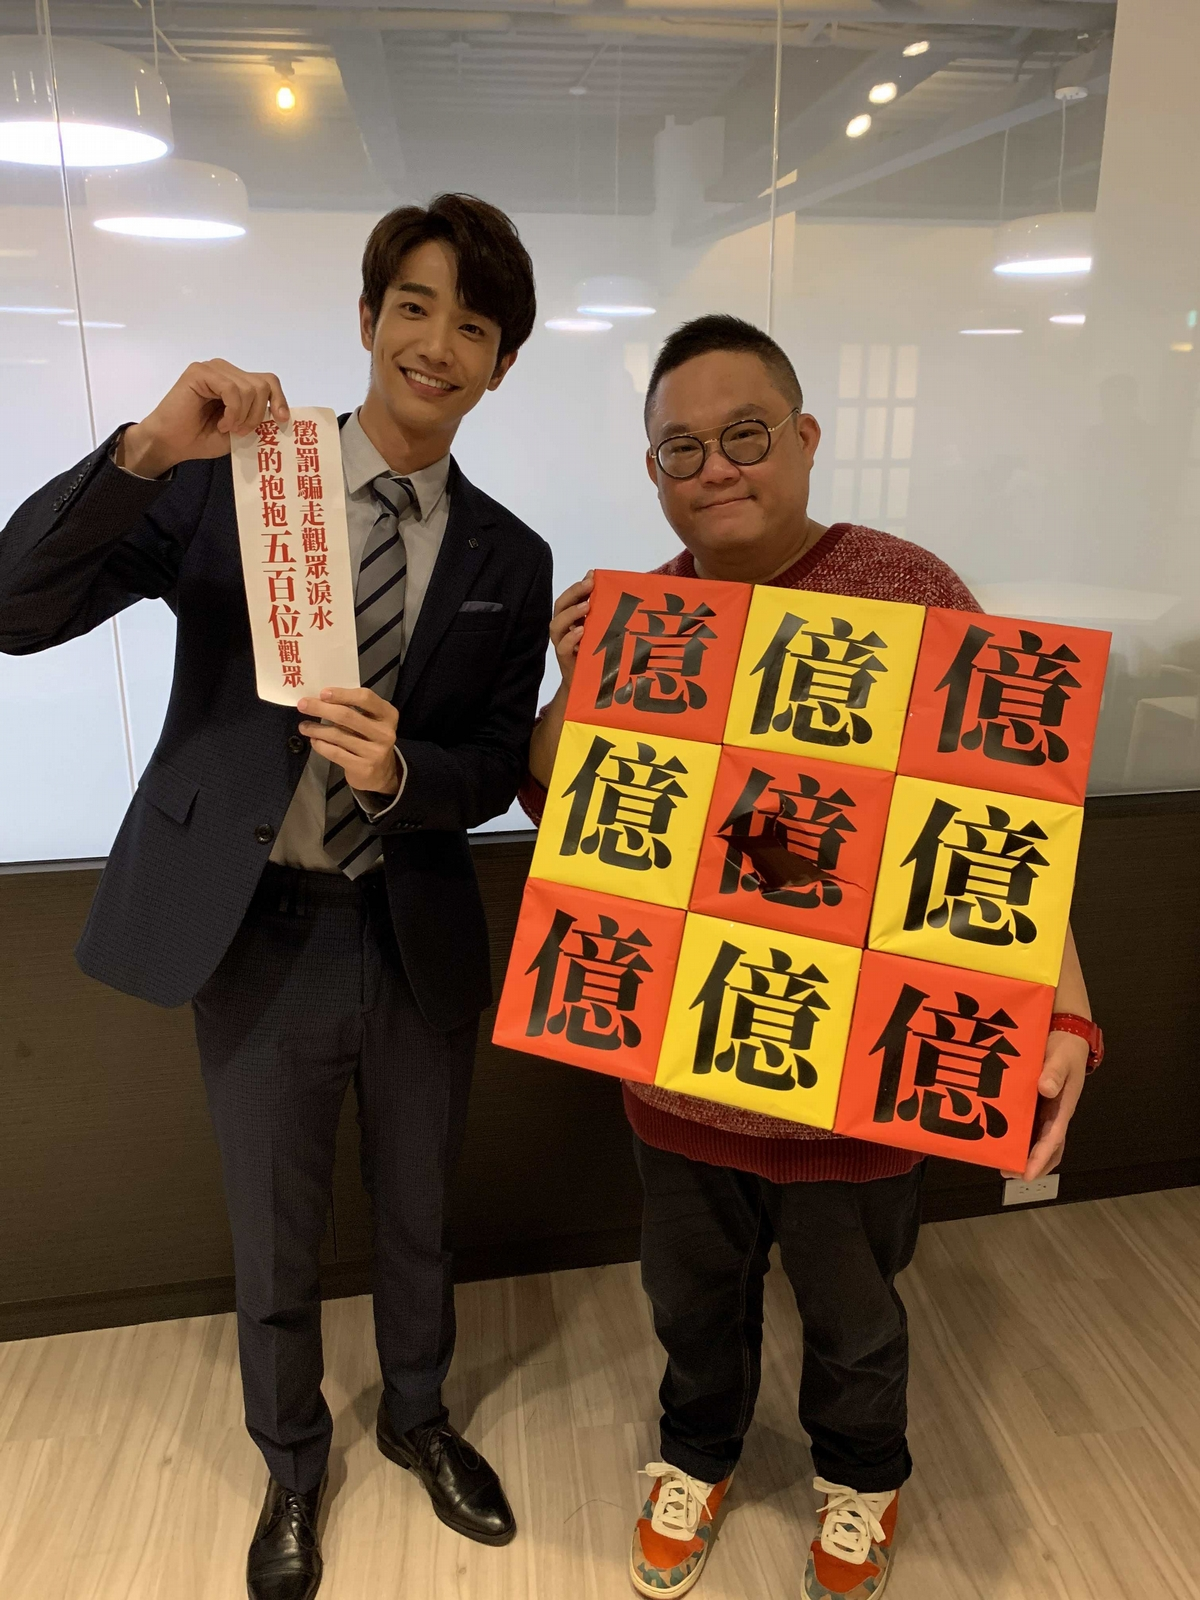 《比悲傷》衝上2018華語片票房冠軍 劉以豪將送500個愛的抱抱!